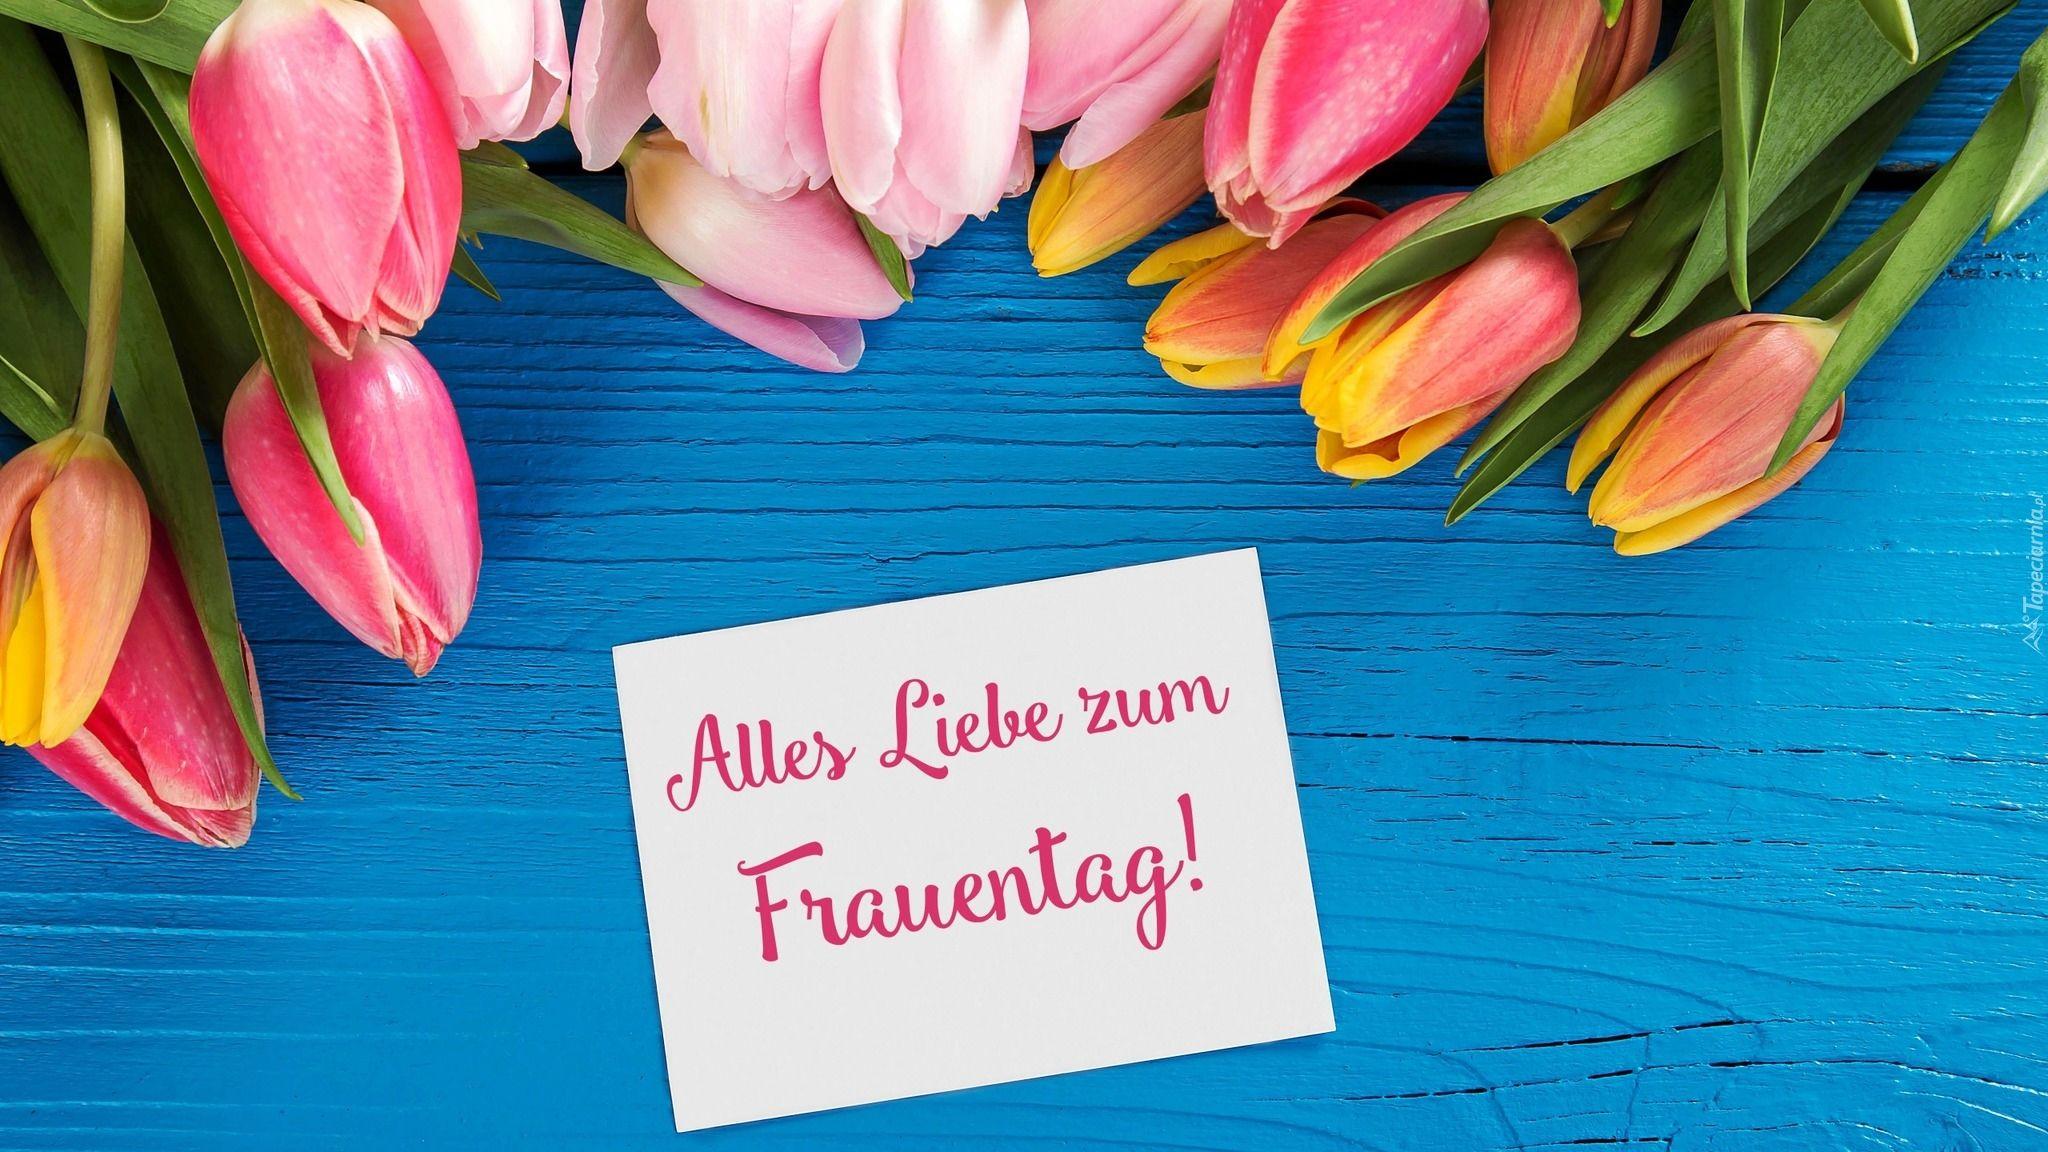 Dzien Kobiet Kwiaty Kolorowe Tulipany Kartka Zyczenia Niebieskie Deski Tableware